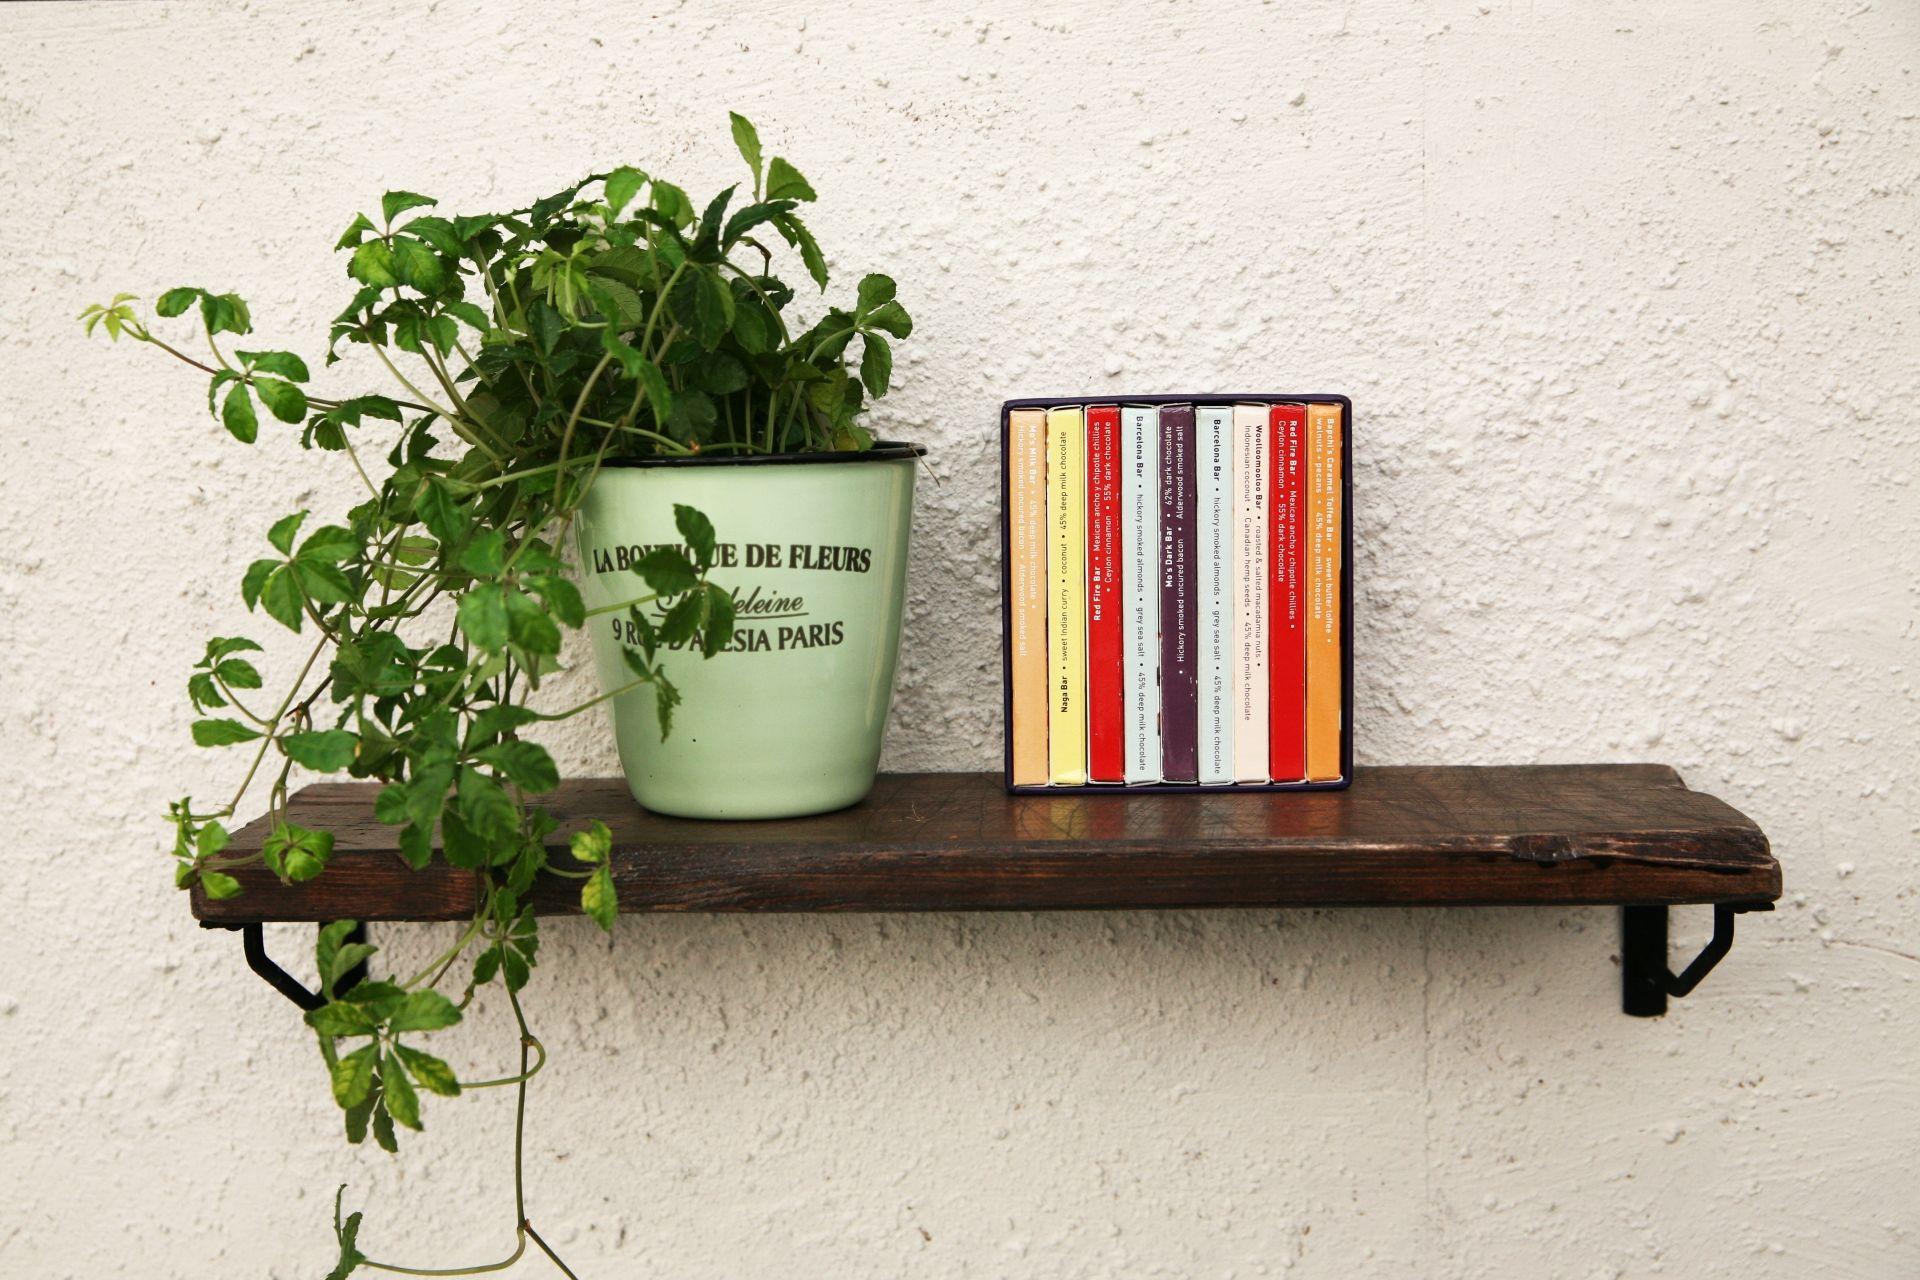 「飾り棚」とは何か?|誰でもわかるリノベ用語集 画像